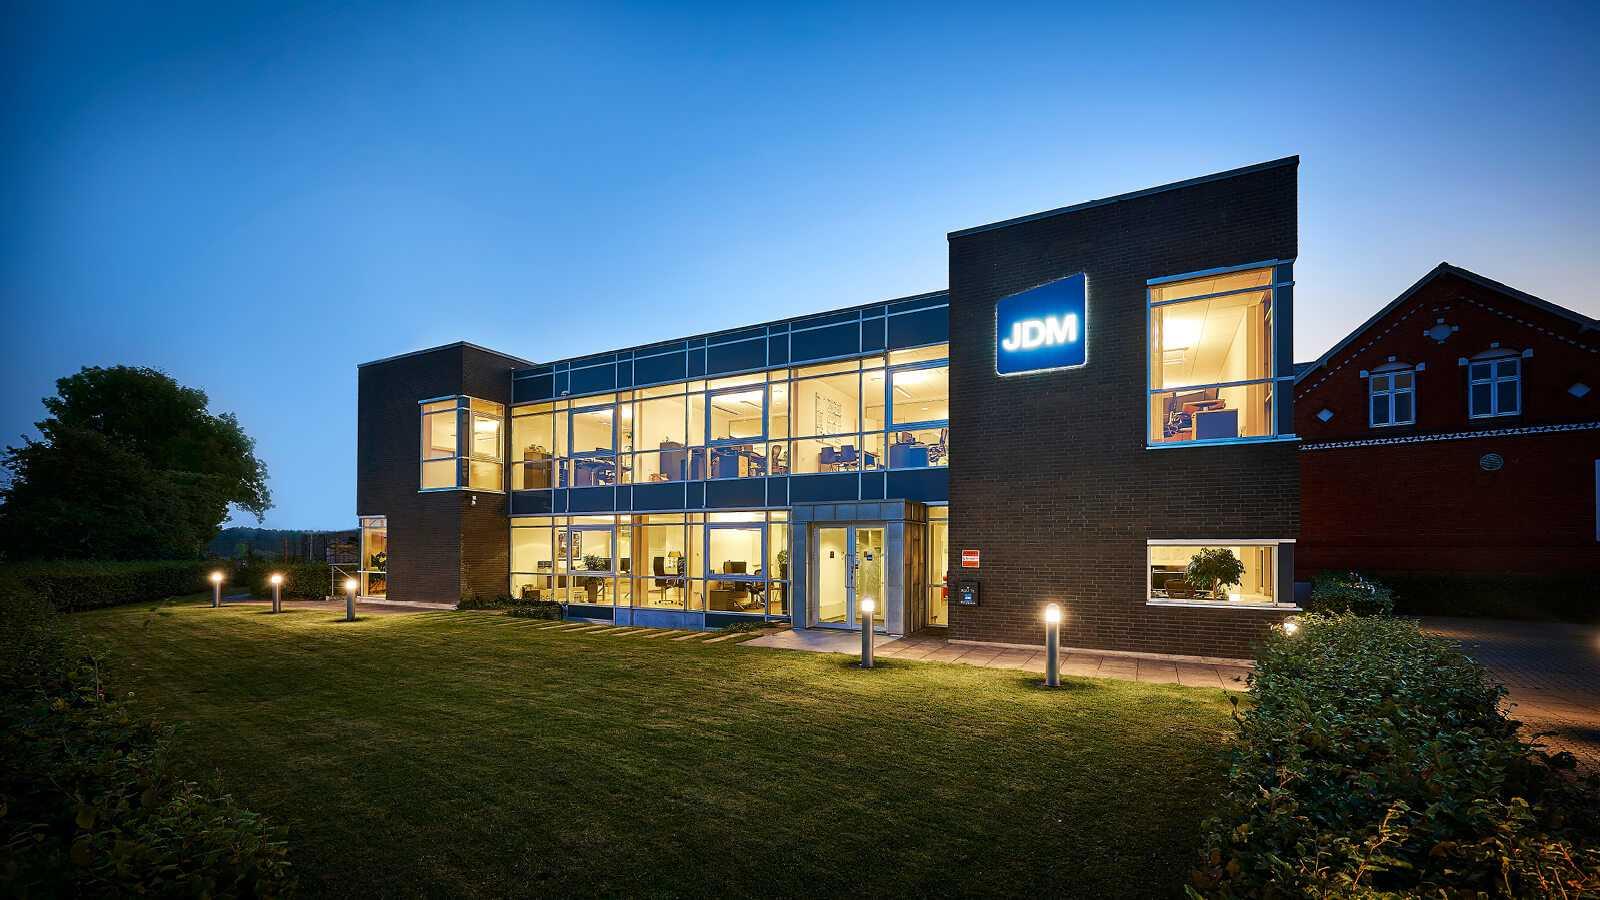 JDM A/S kontor i Odense